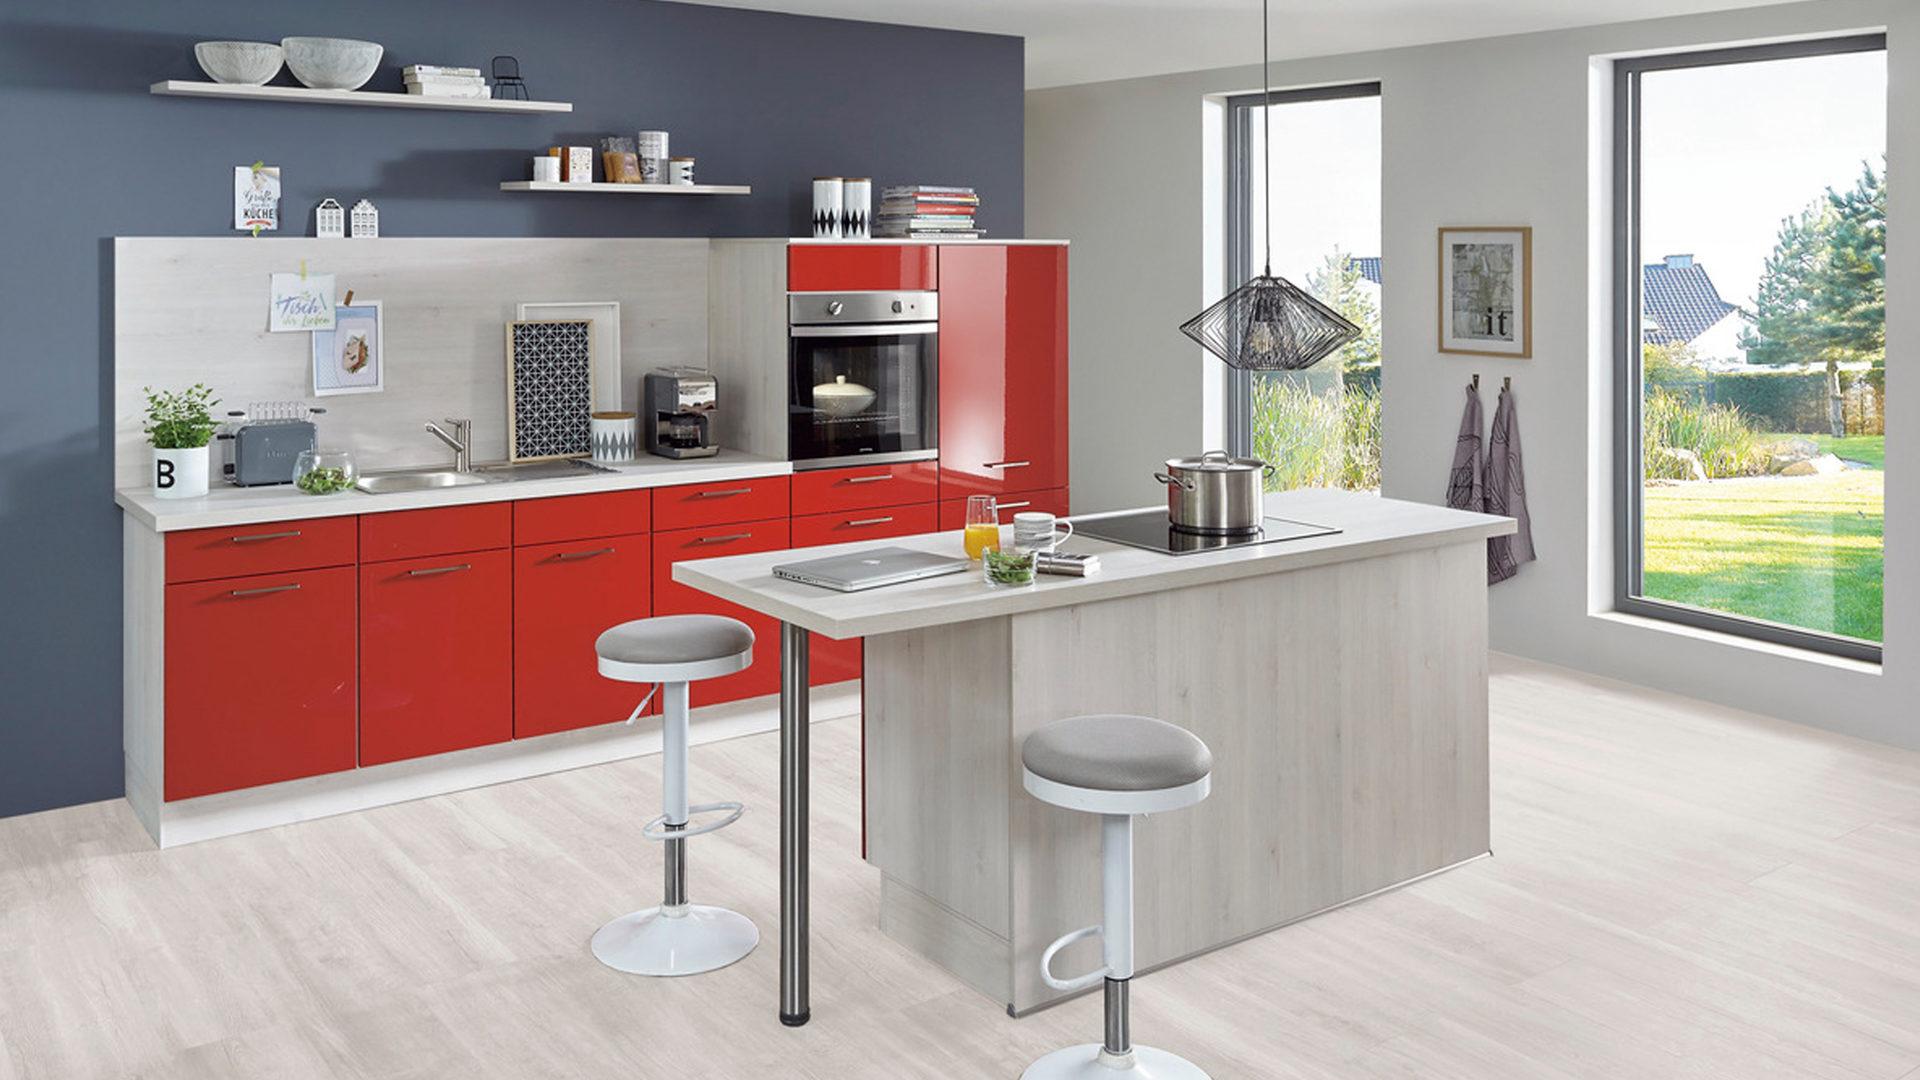 Best Möbel Boer Küchen Images - Amazing Home Ideas ...